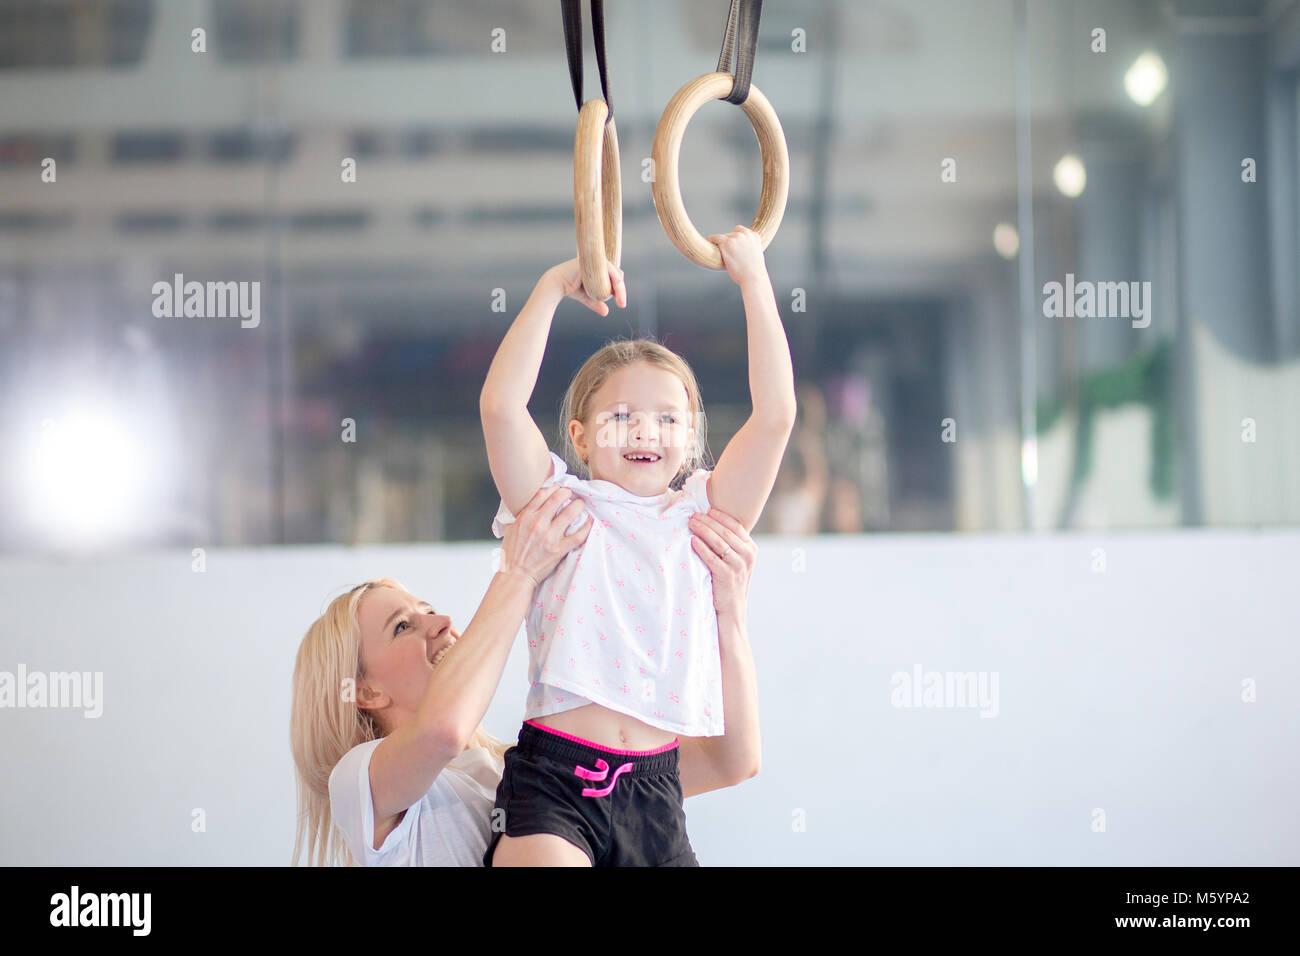 Madre ayudando a hija a jugar deportes en anillos de gimnasia Foto de stock